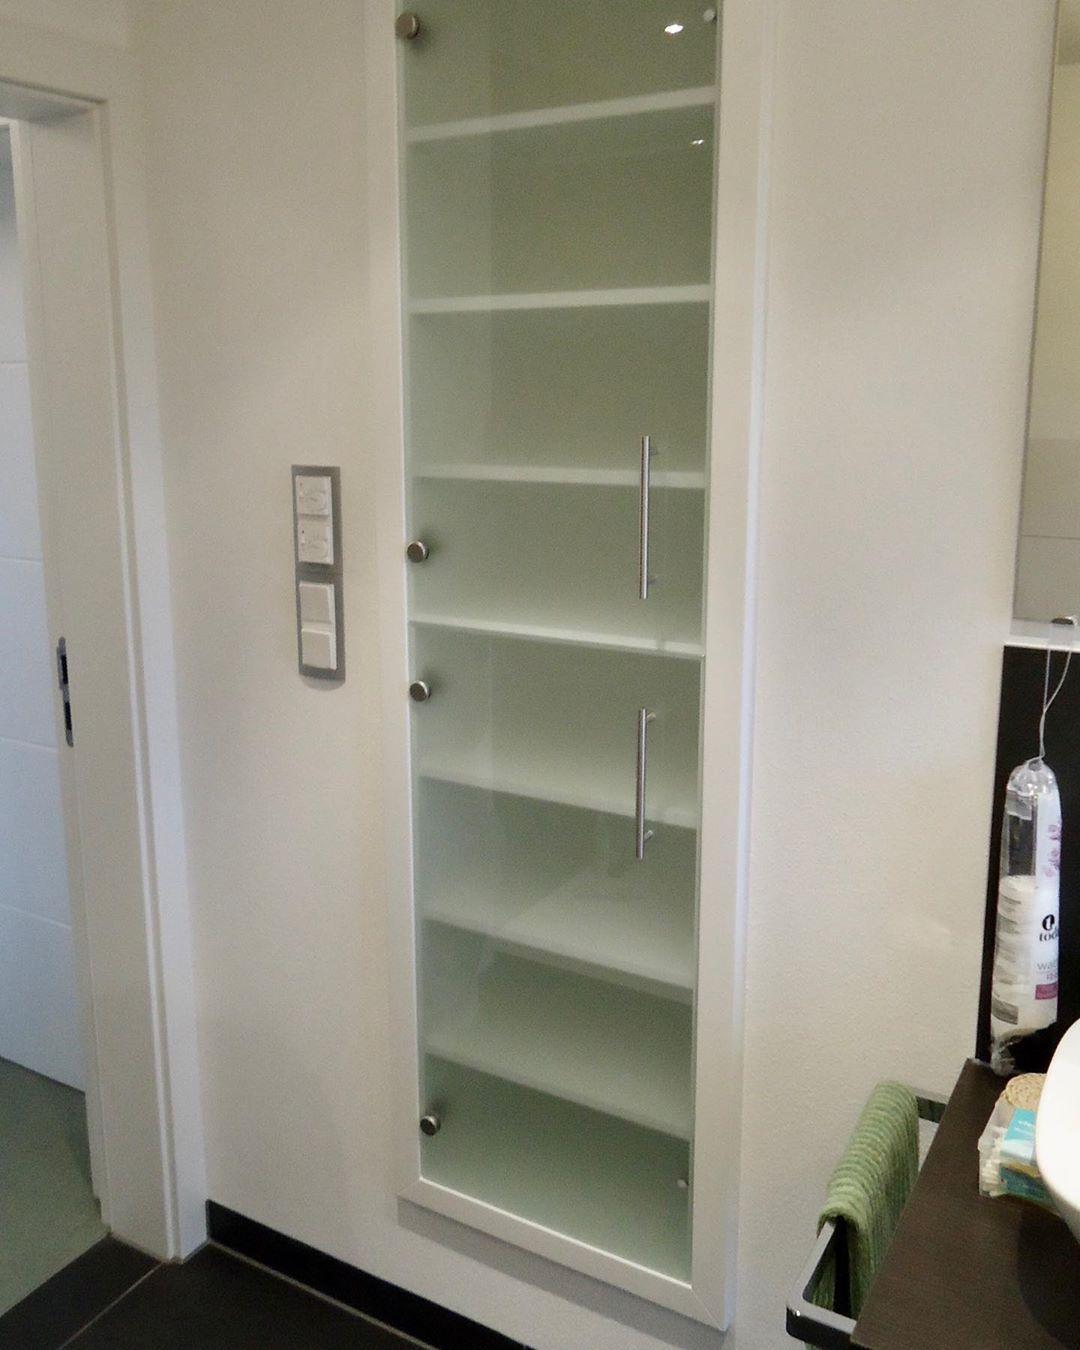 Nach Innen Offnende Turen Verhindern Haufig Das Aufstellen Eines Schrankes In Deren Radius Da Sonst Die Tur N Locker Storage Storage Bathroom Medicine Cabinet